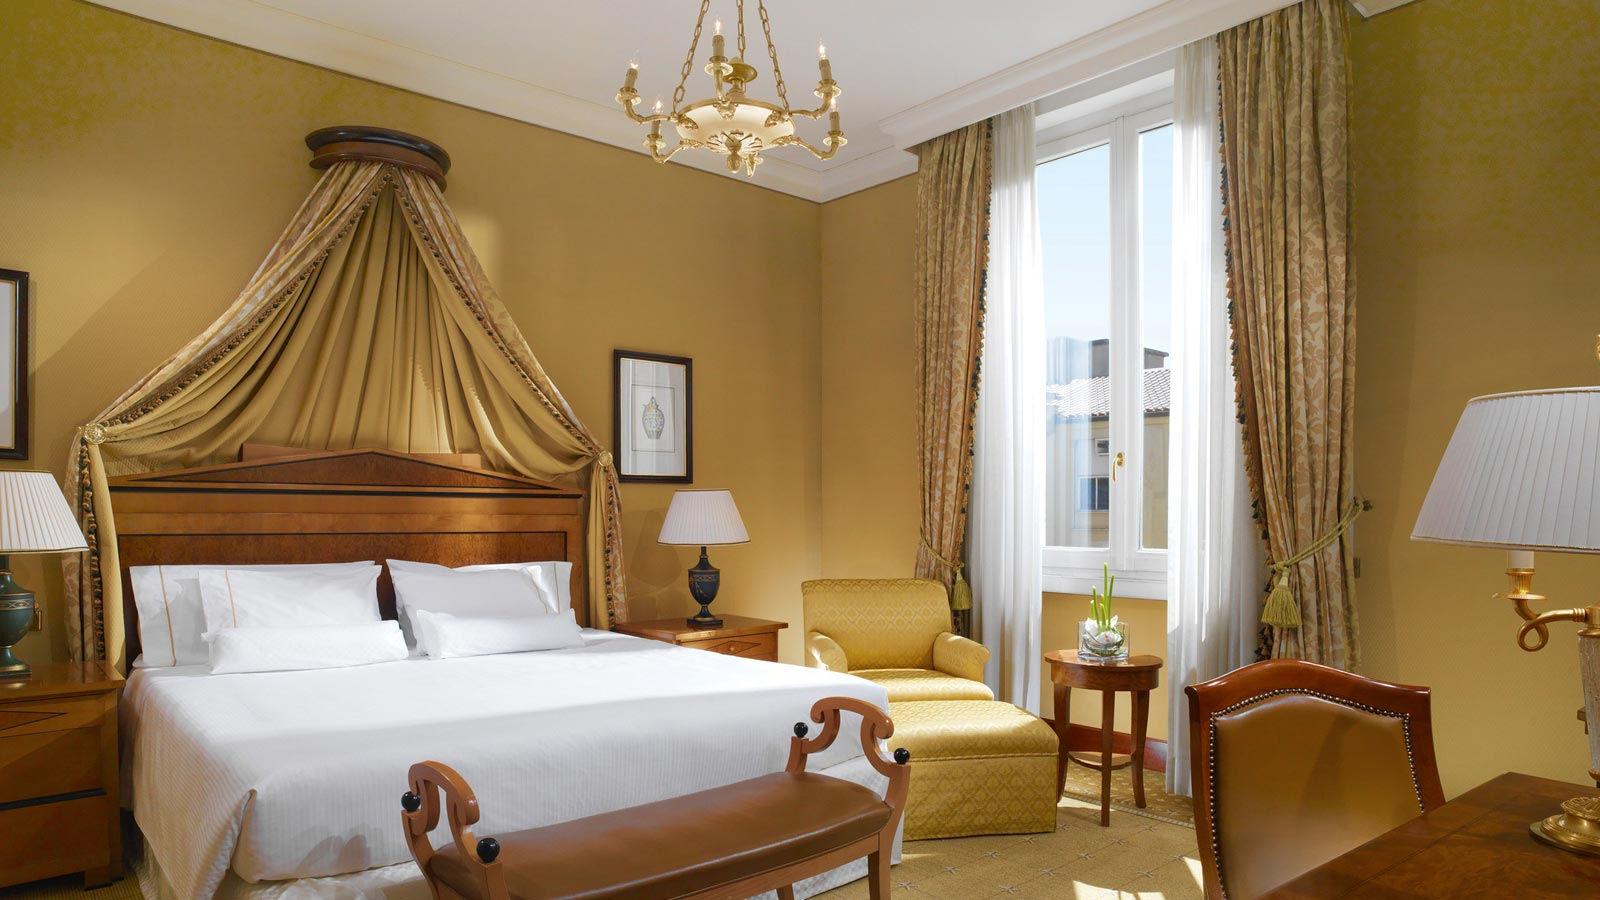 Grandluxe Room